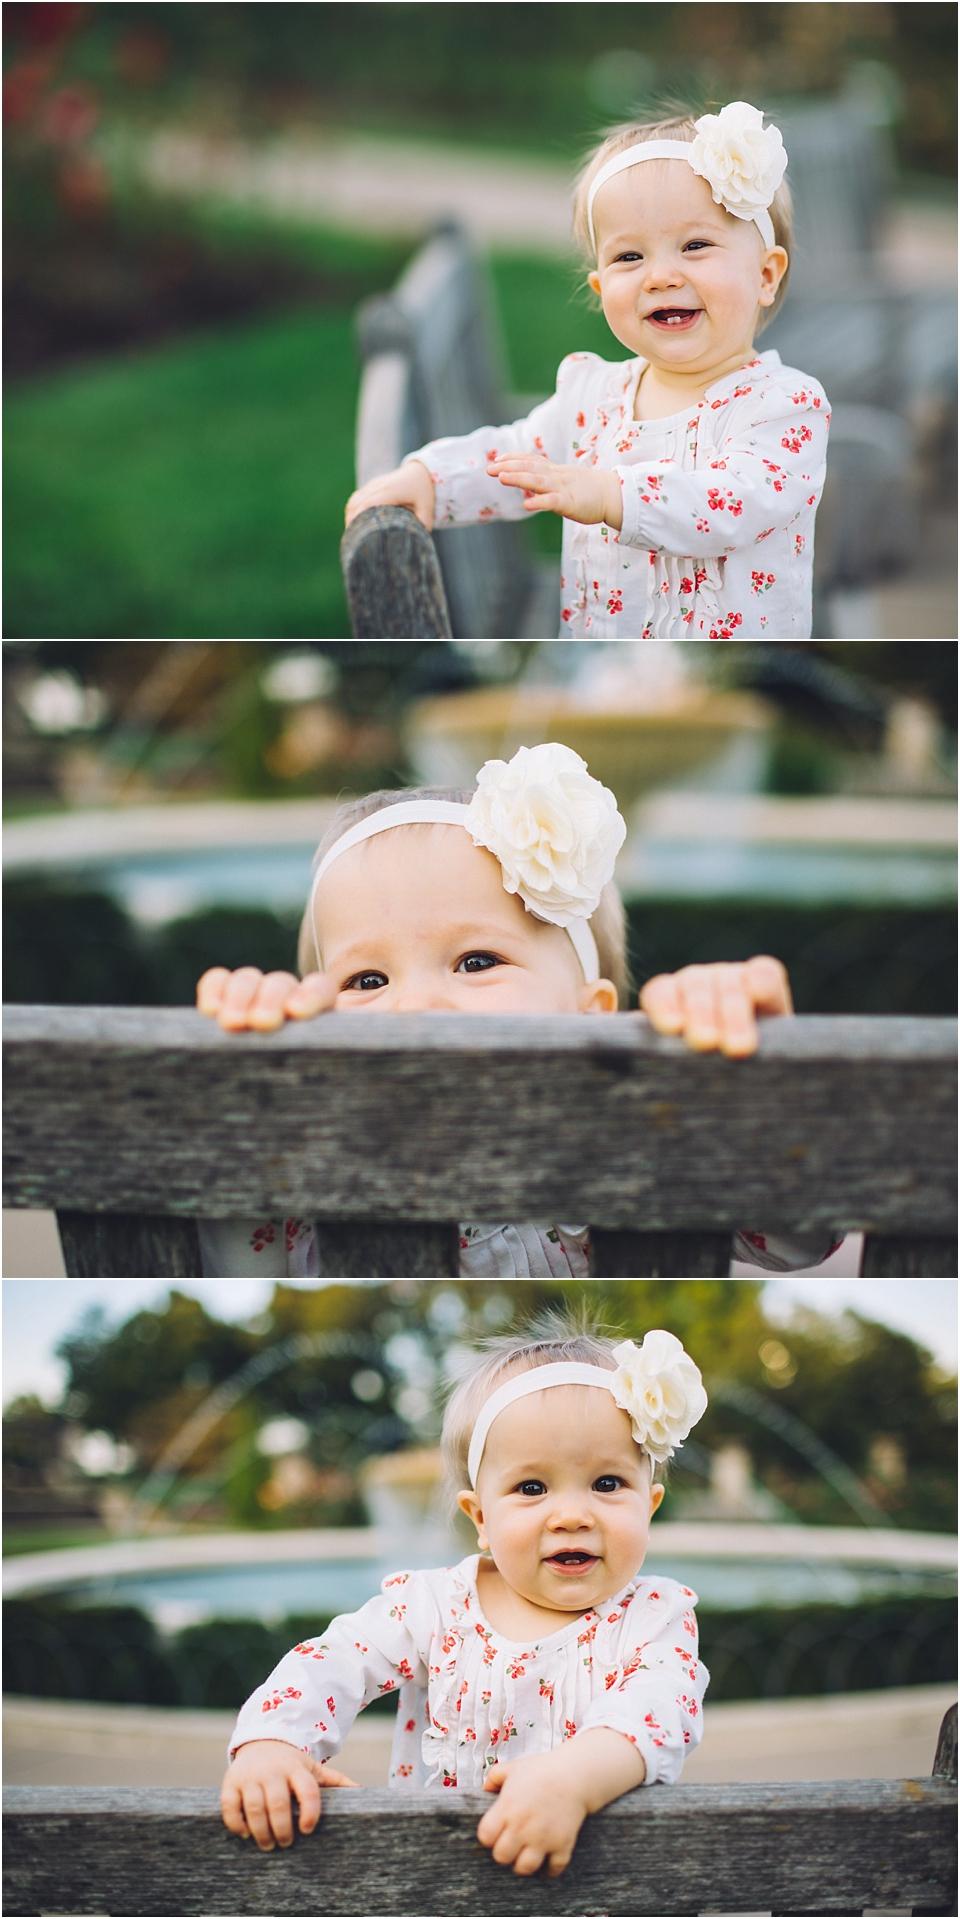 kansascitybestfamilyphotographer_0026